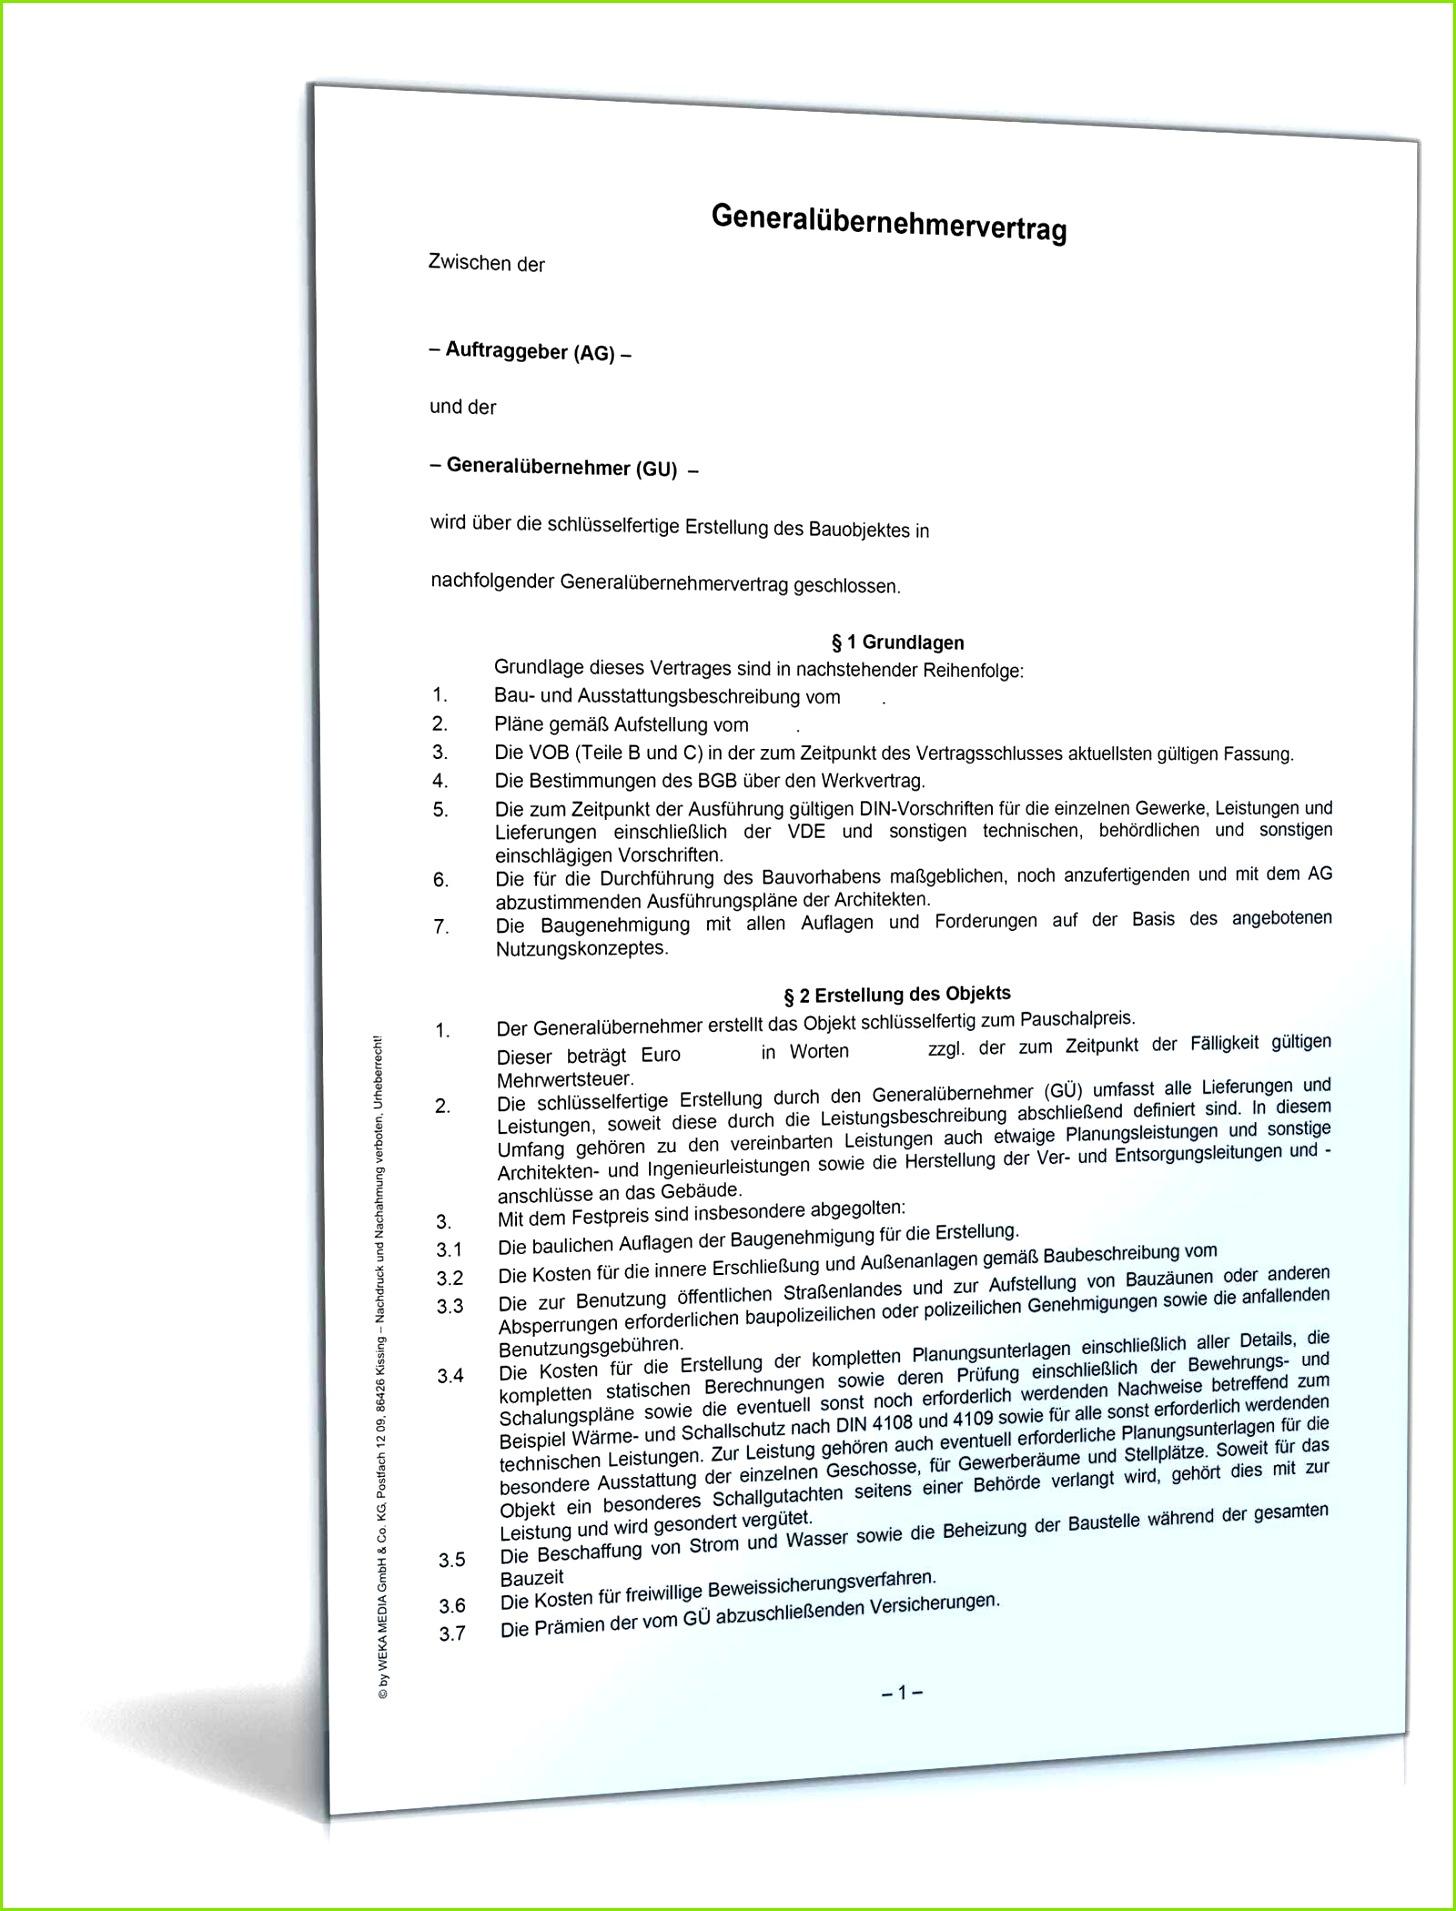 Verzugsschreiben Vob Vorlage Bewundernswert Generalübernehmervertrag Vob